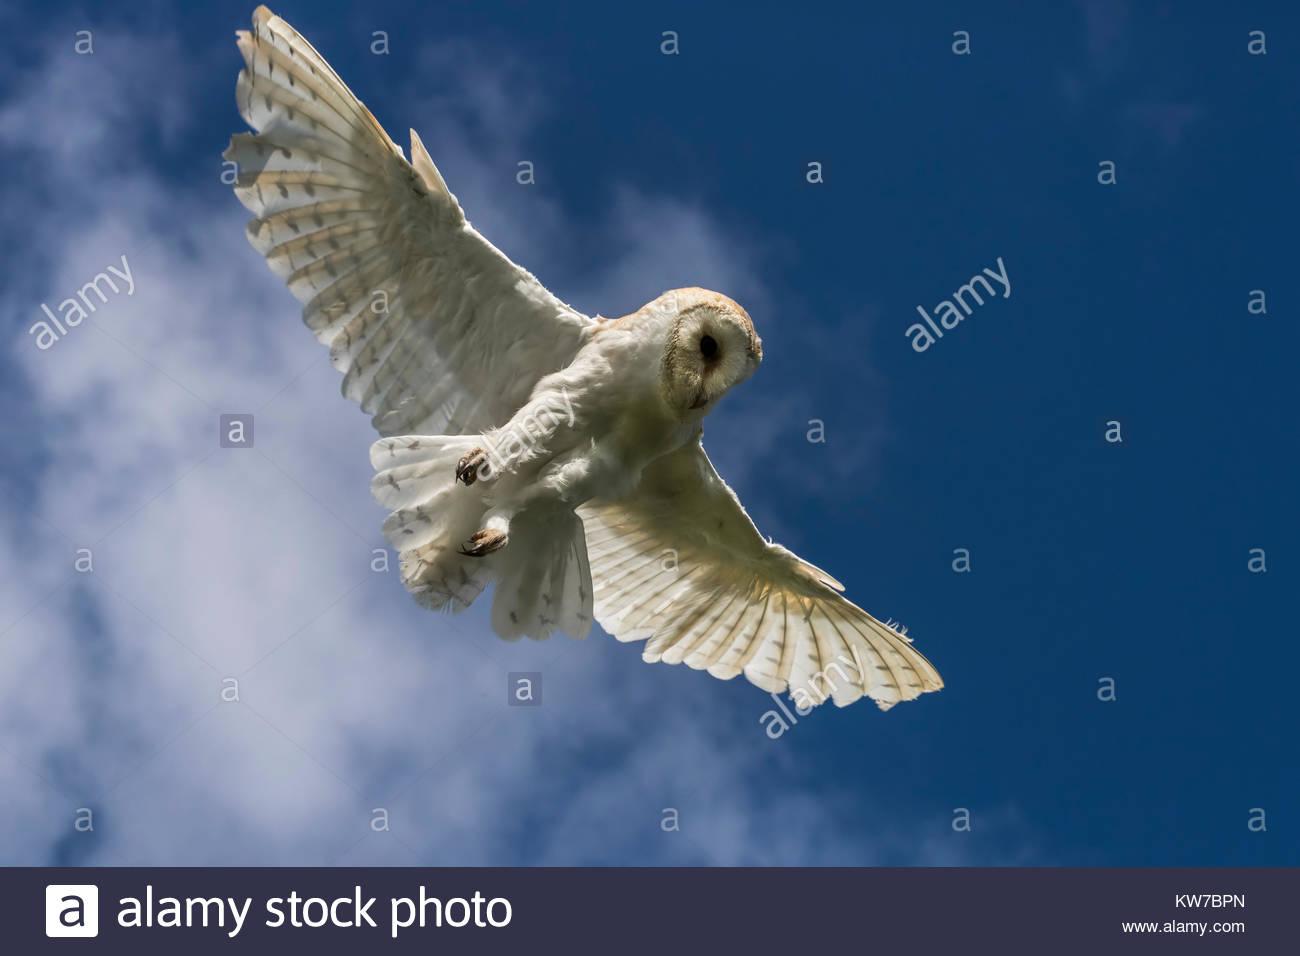 Effraie des clochers (Tyto alba), Cumbria, Royaume-Uni, août 2017 Banque D'Images